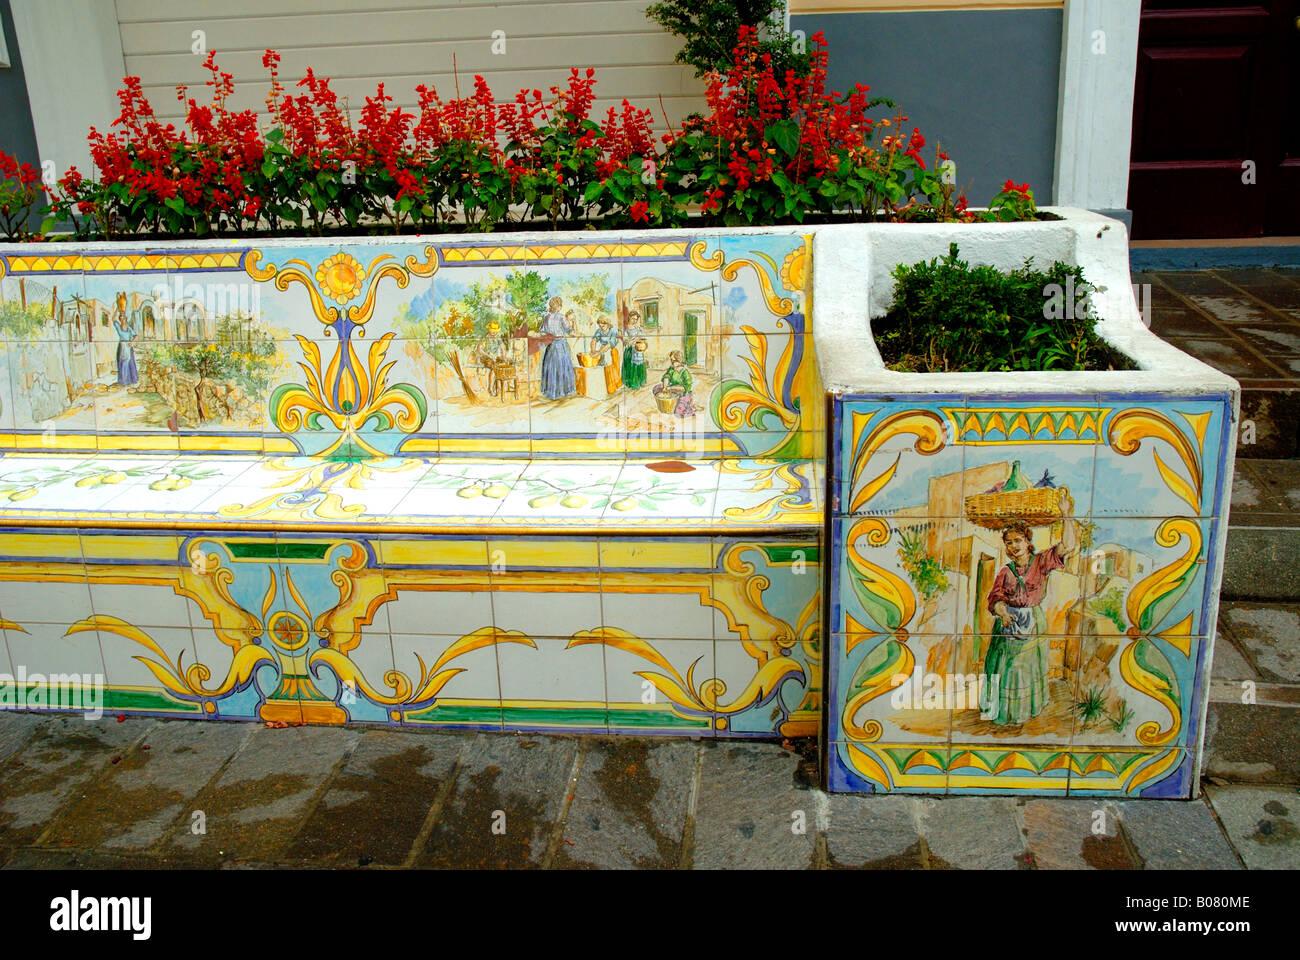 Piastrelle Di Ceramica Decorate.Sedile In Strada Decorata Con Piastrelle Di Ceramica E Vasi